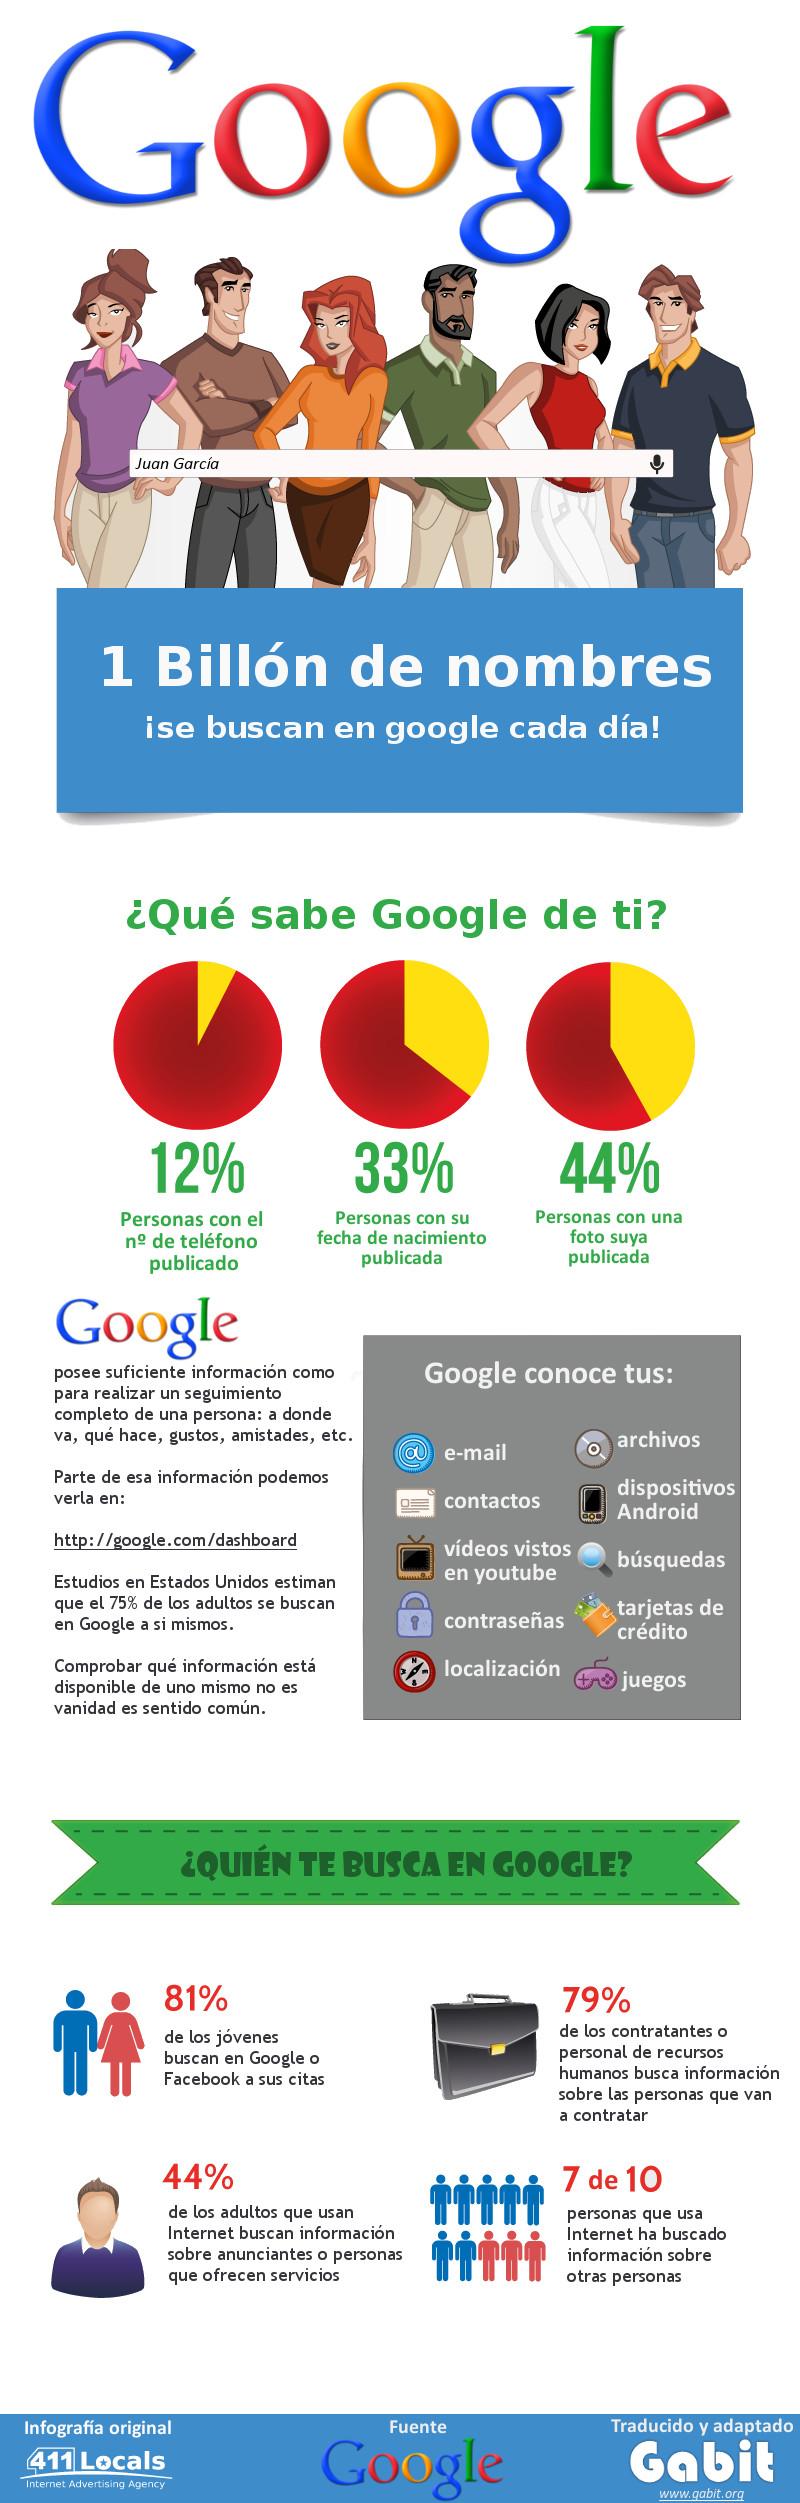 Infografía: Búscate a ti mismo en Google